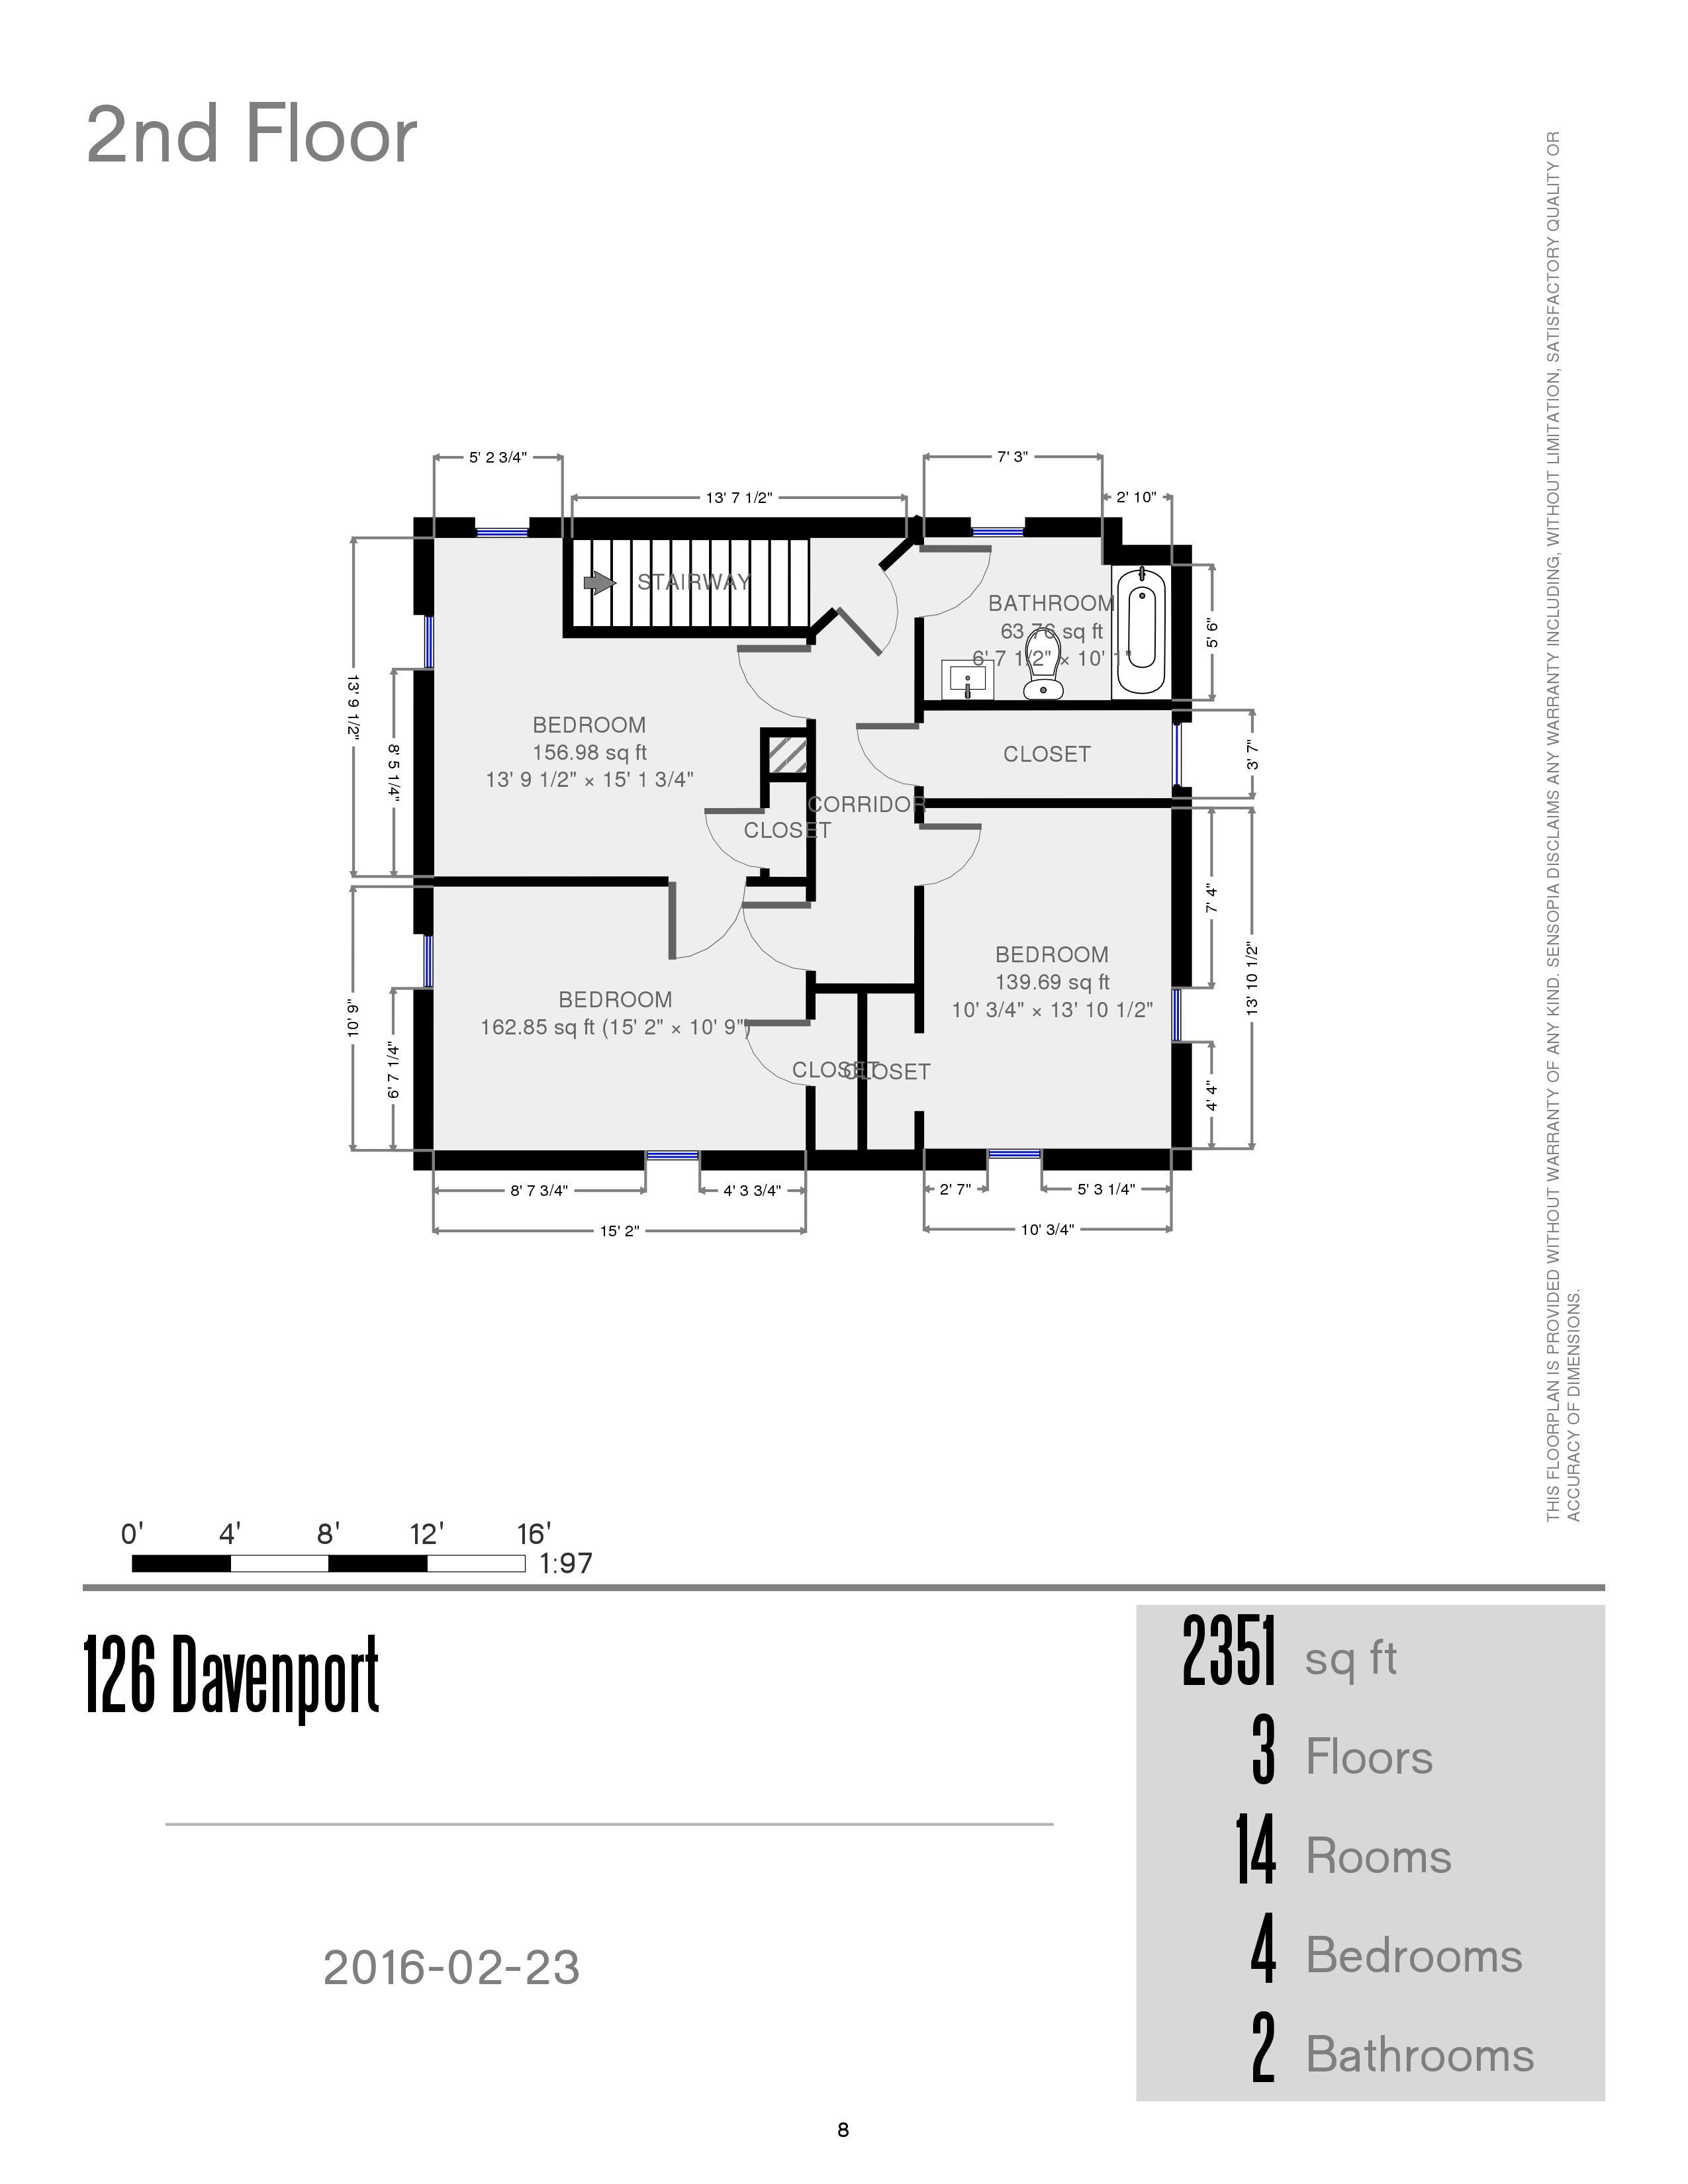 Prestige properties llc davenport street for 126 simcoe st floor plan